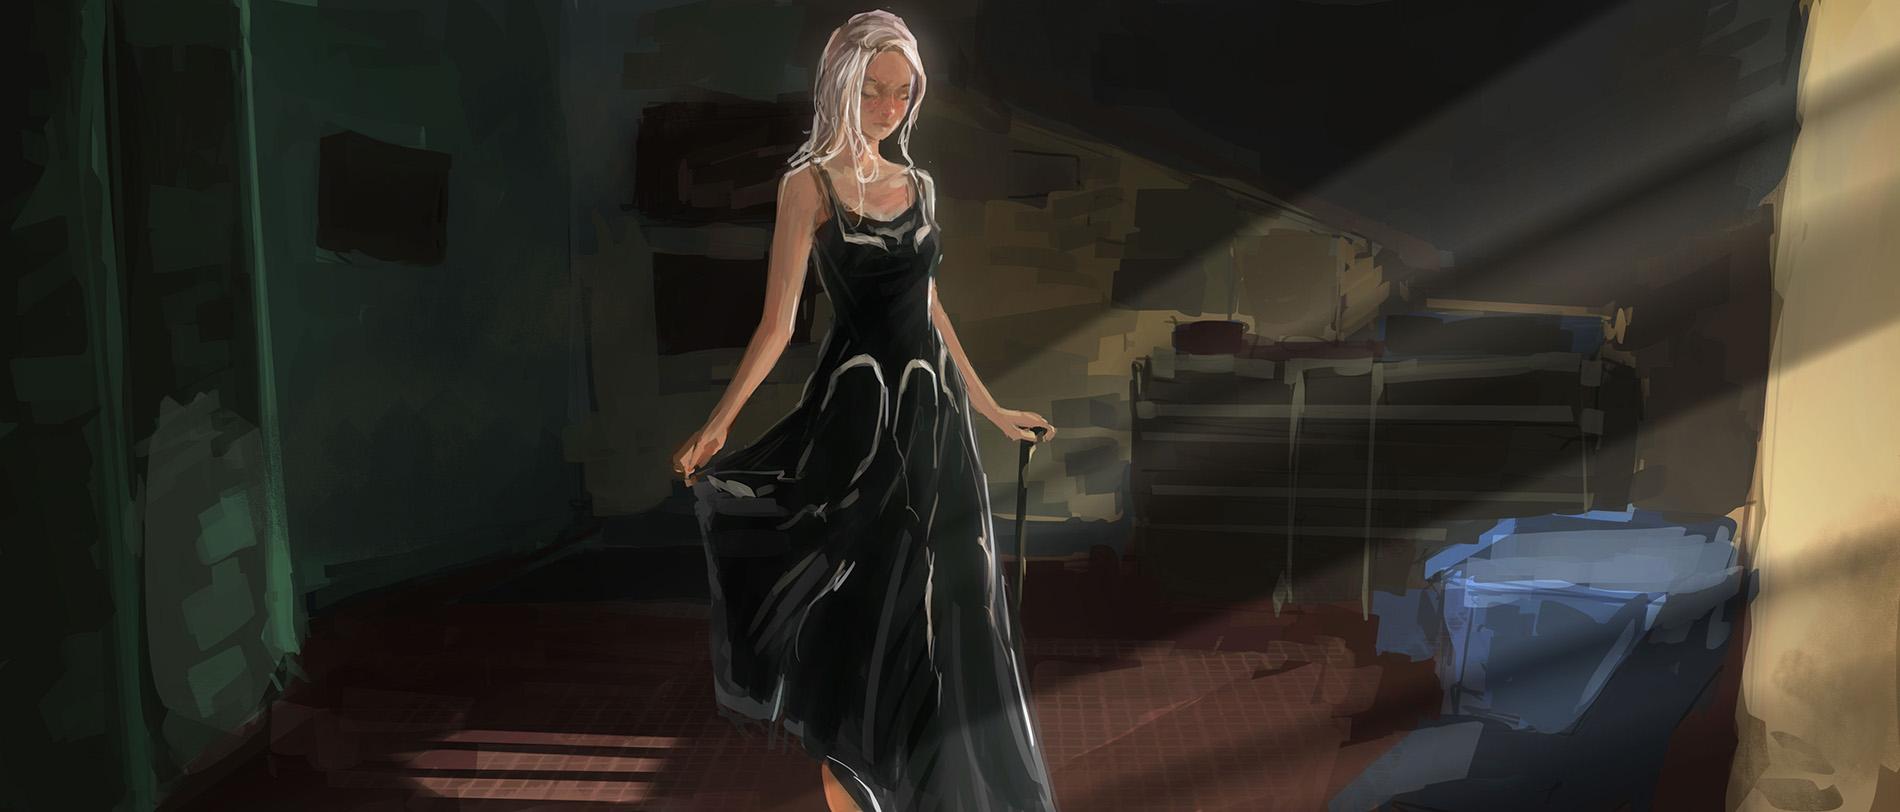 december wardrobe dress